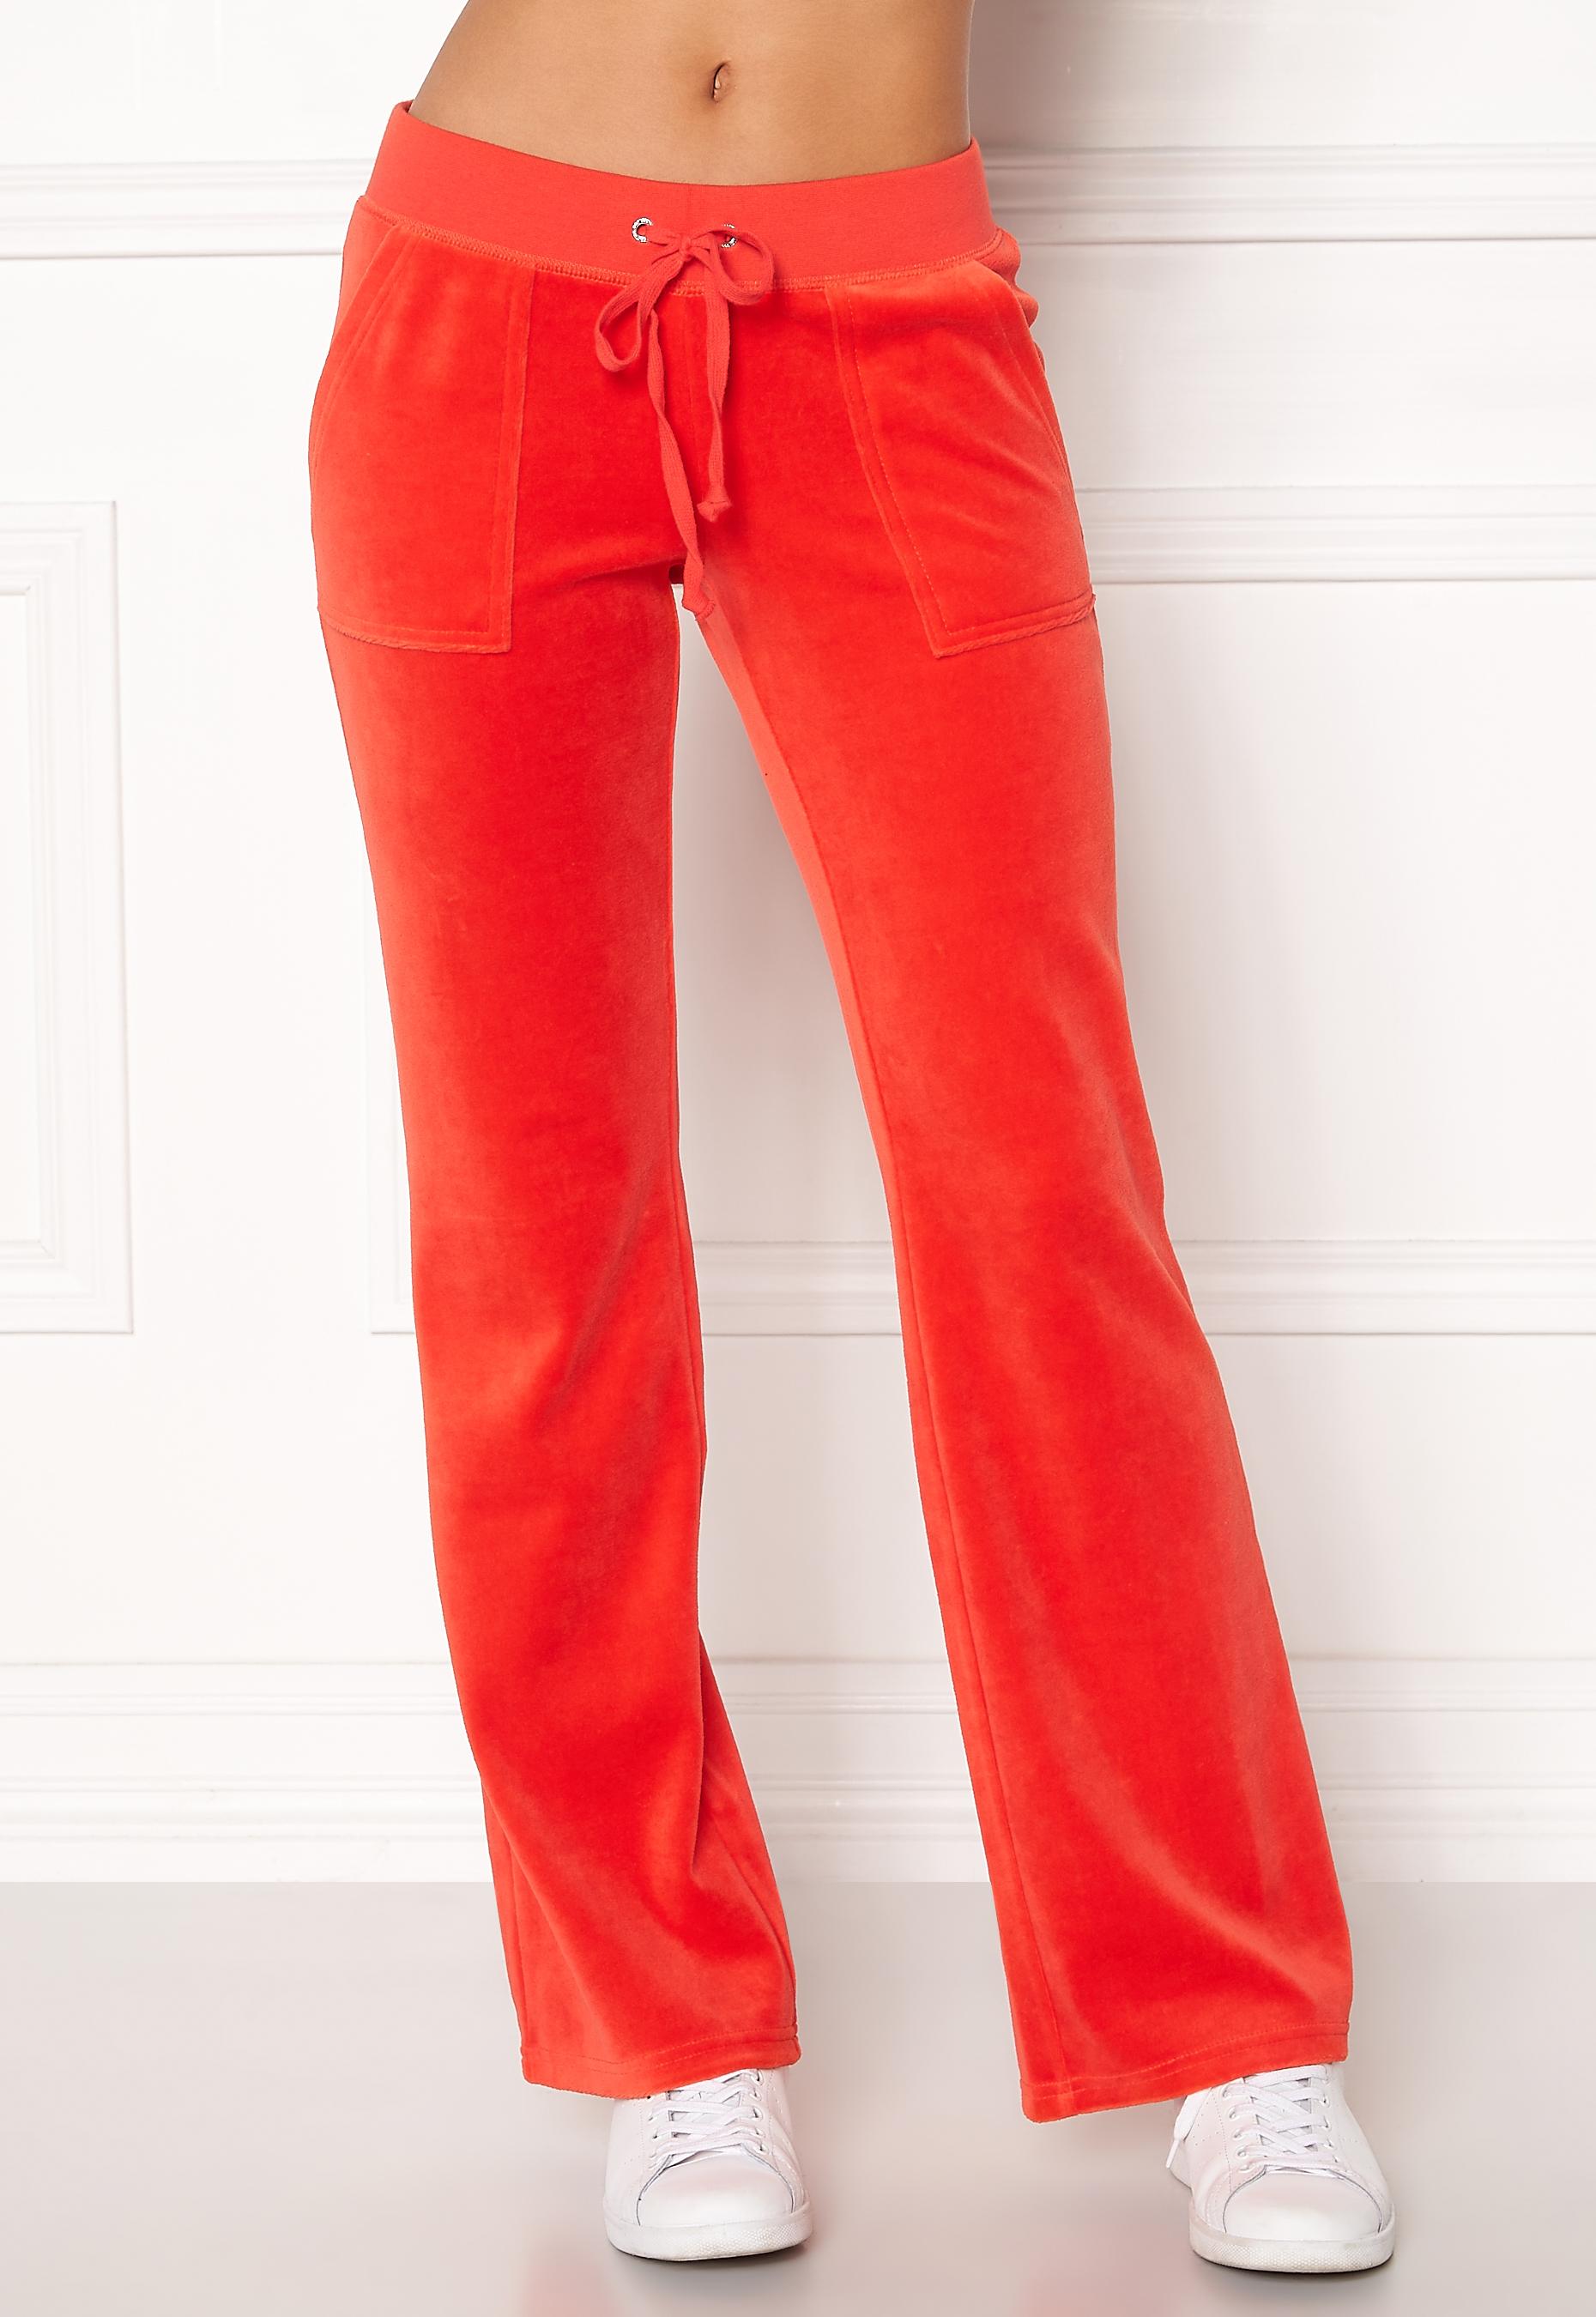 Juicy Couture Velour Del Rey Pant City Rouge Bubbleroom